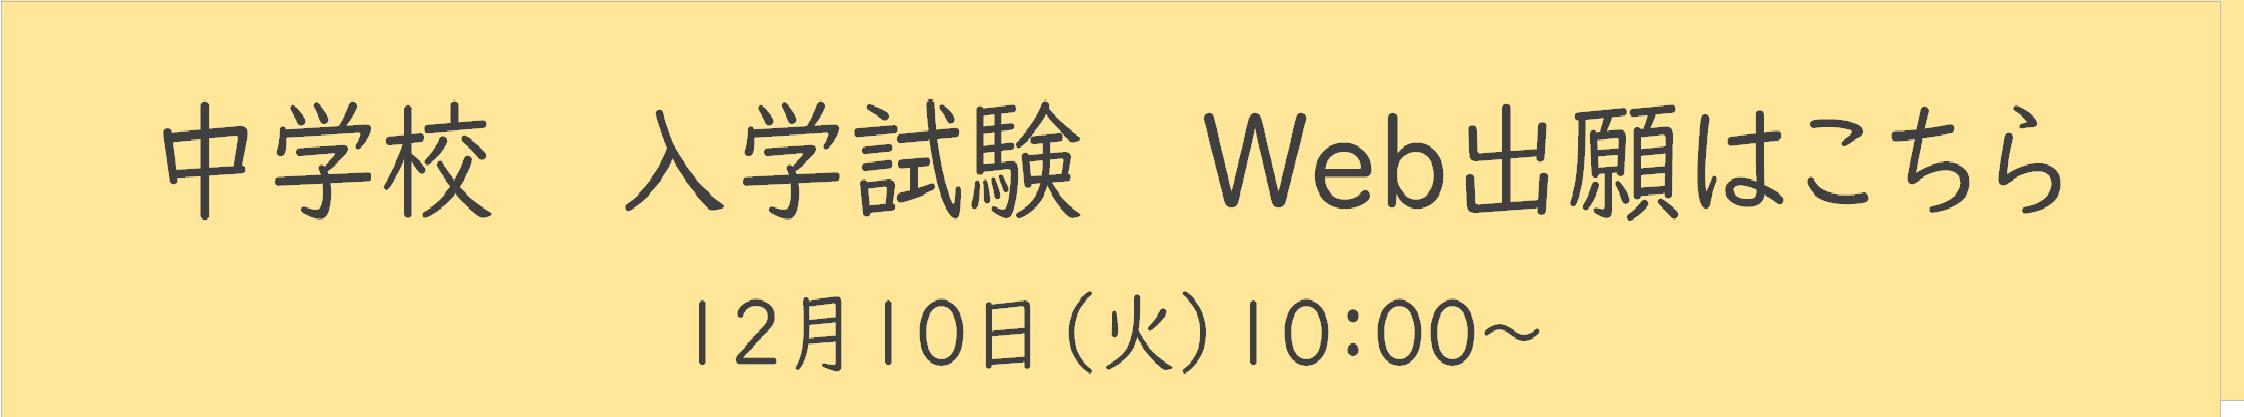 中学校 入学試験 Web出願